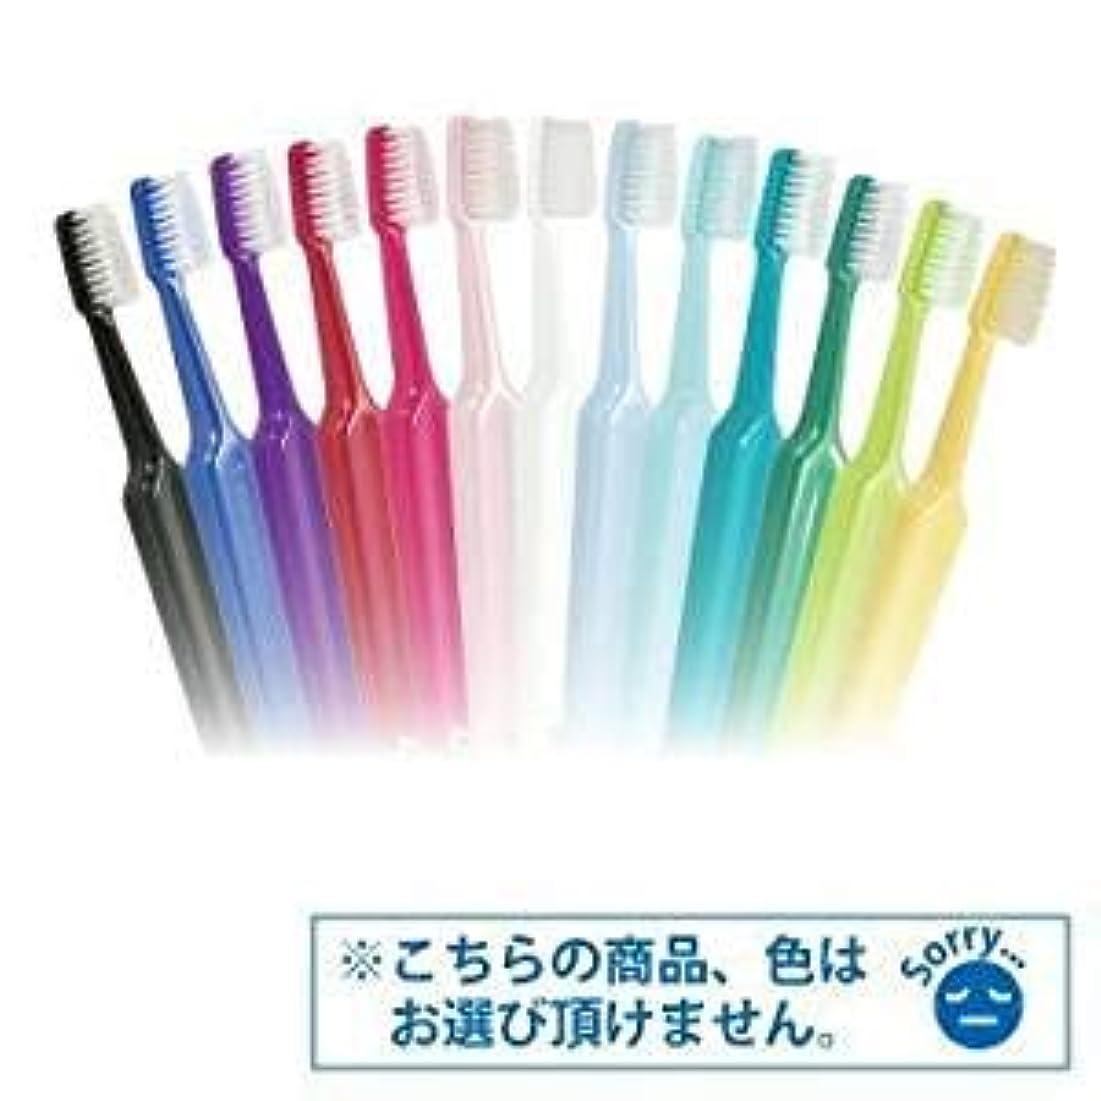 ガス実行可能バストTepe歯ブラシ セレクトコンパクト /ミディアム 10本入り